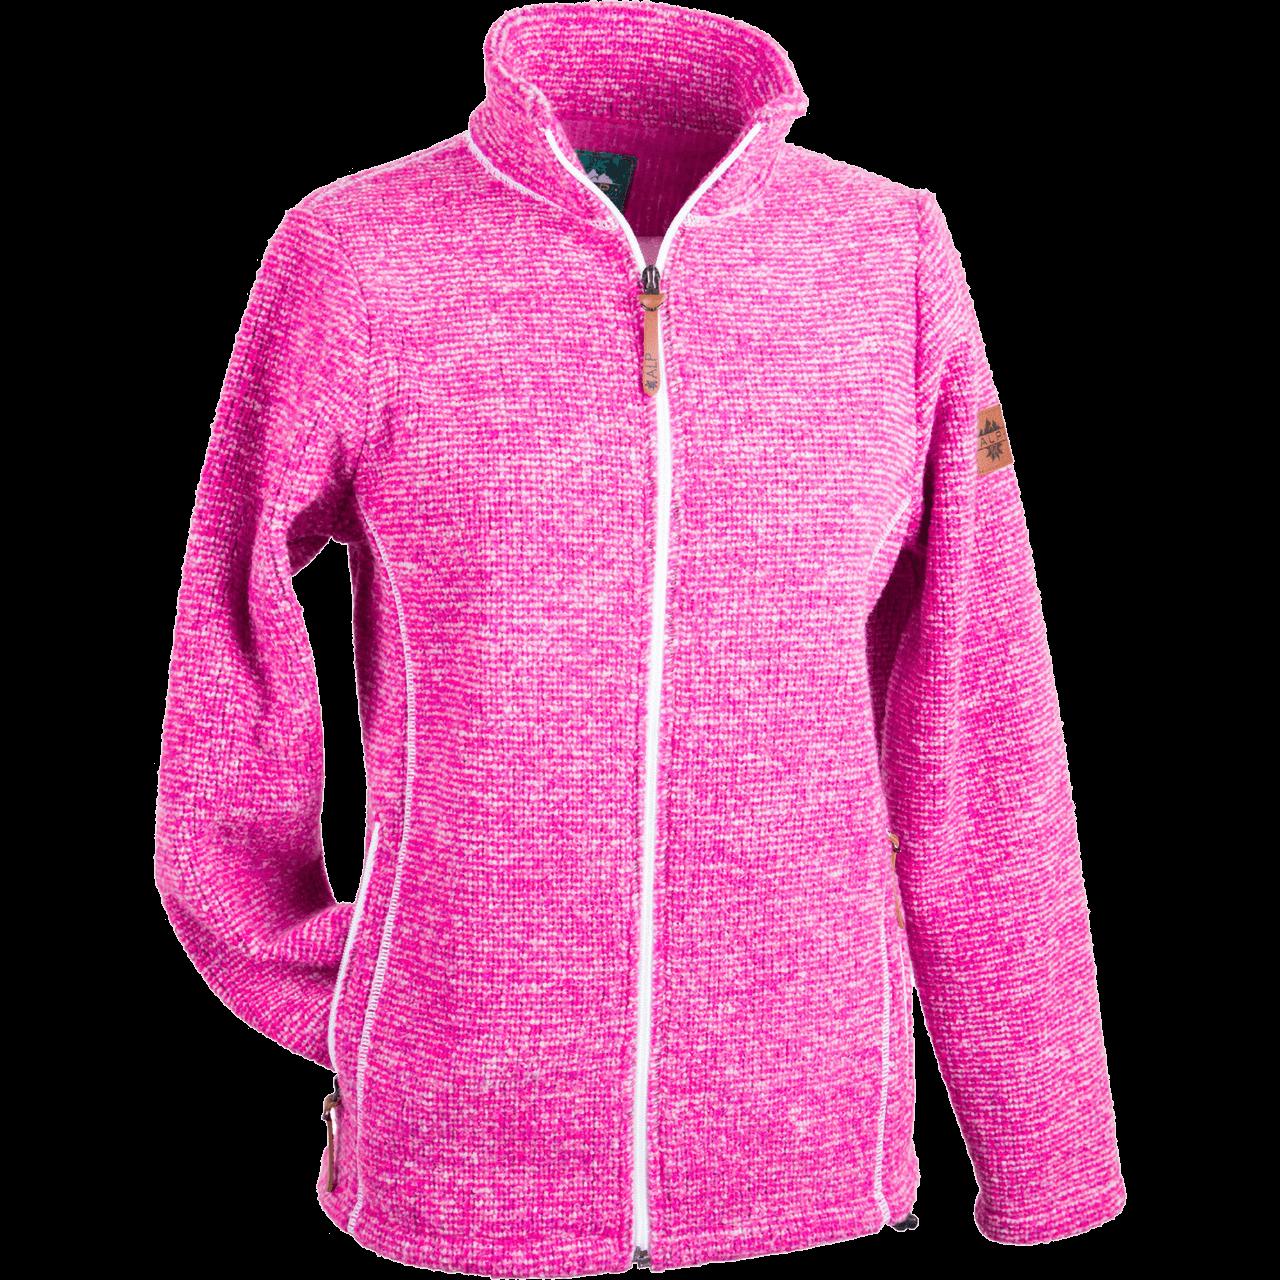 giacca-donna-320401-alp1964